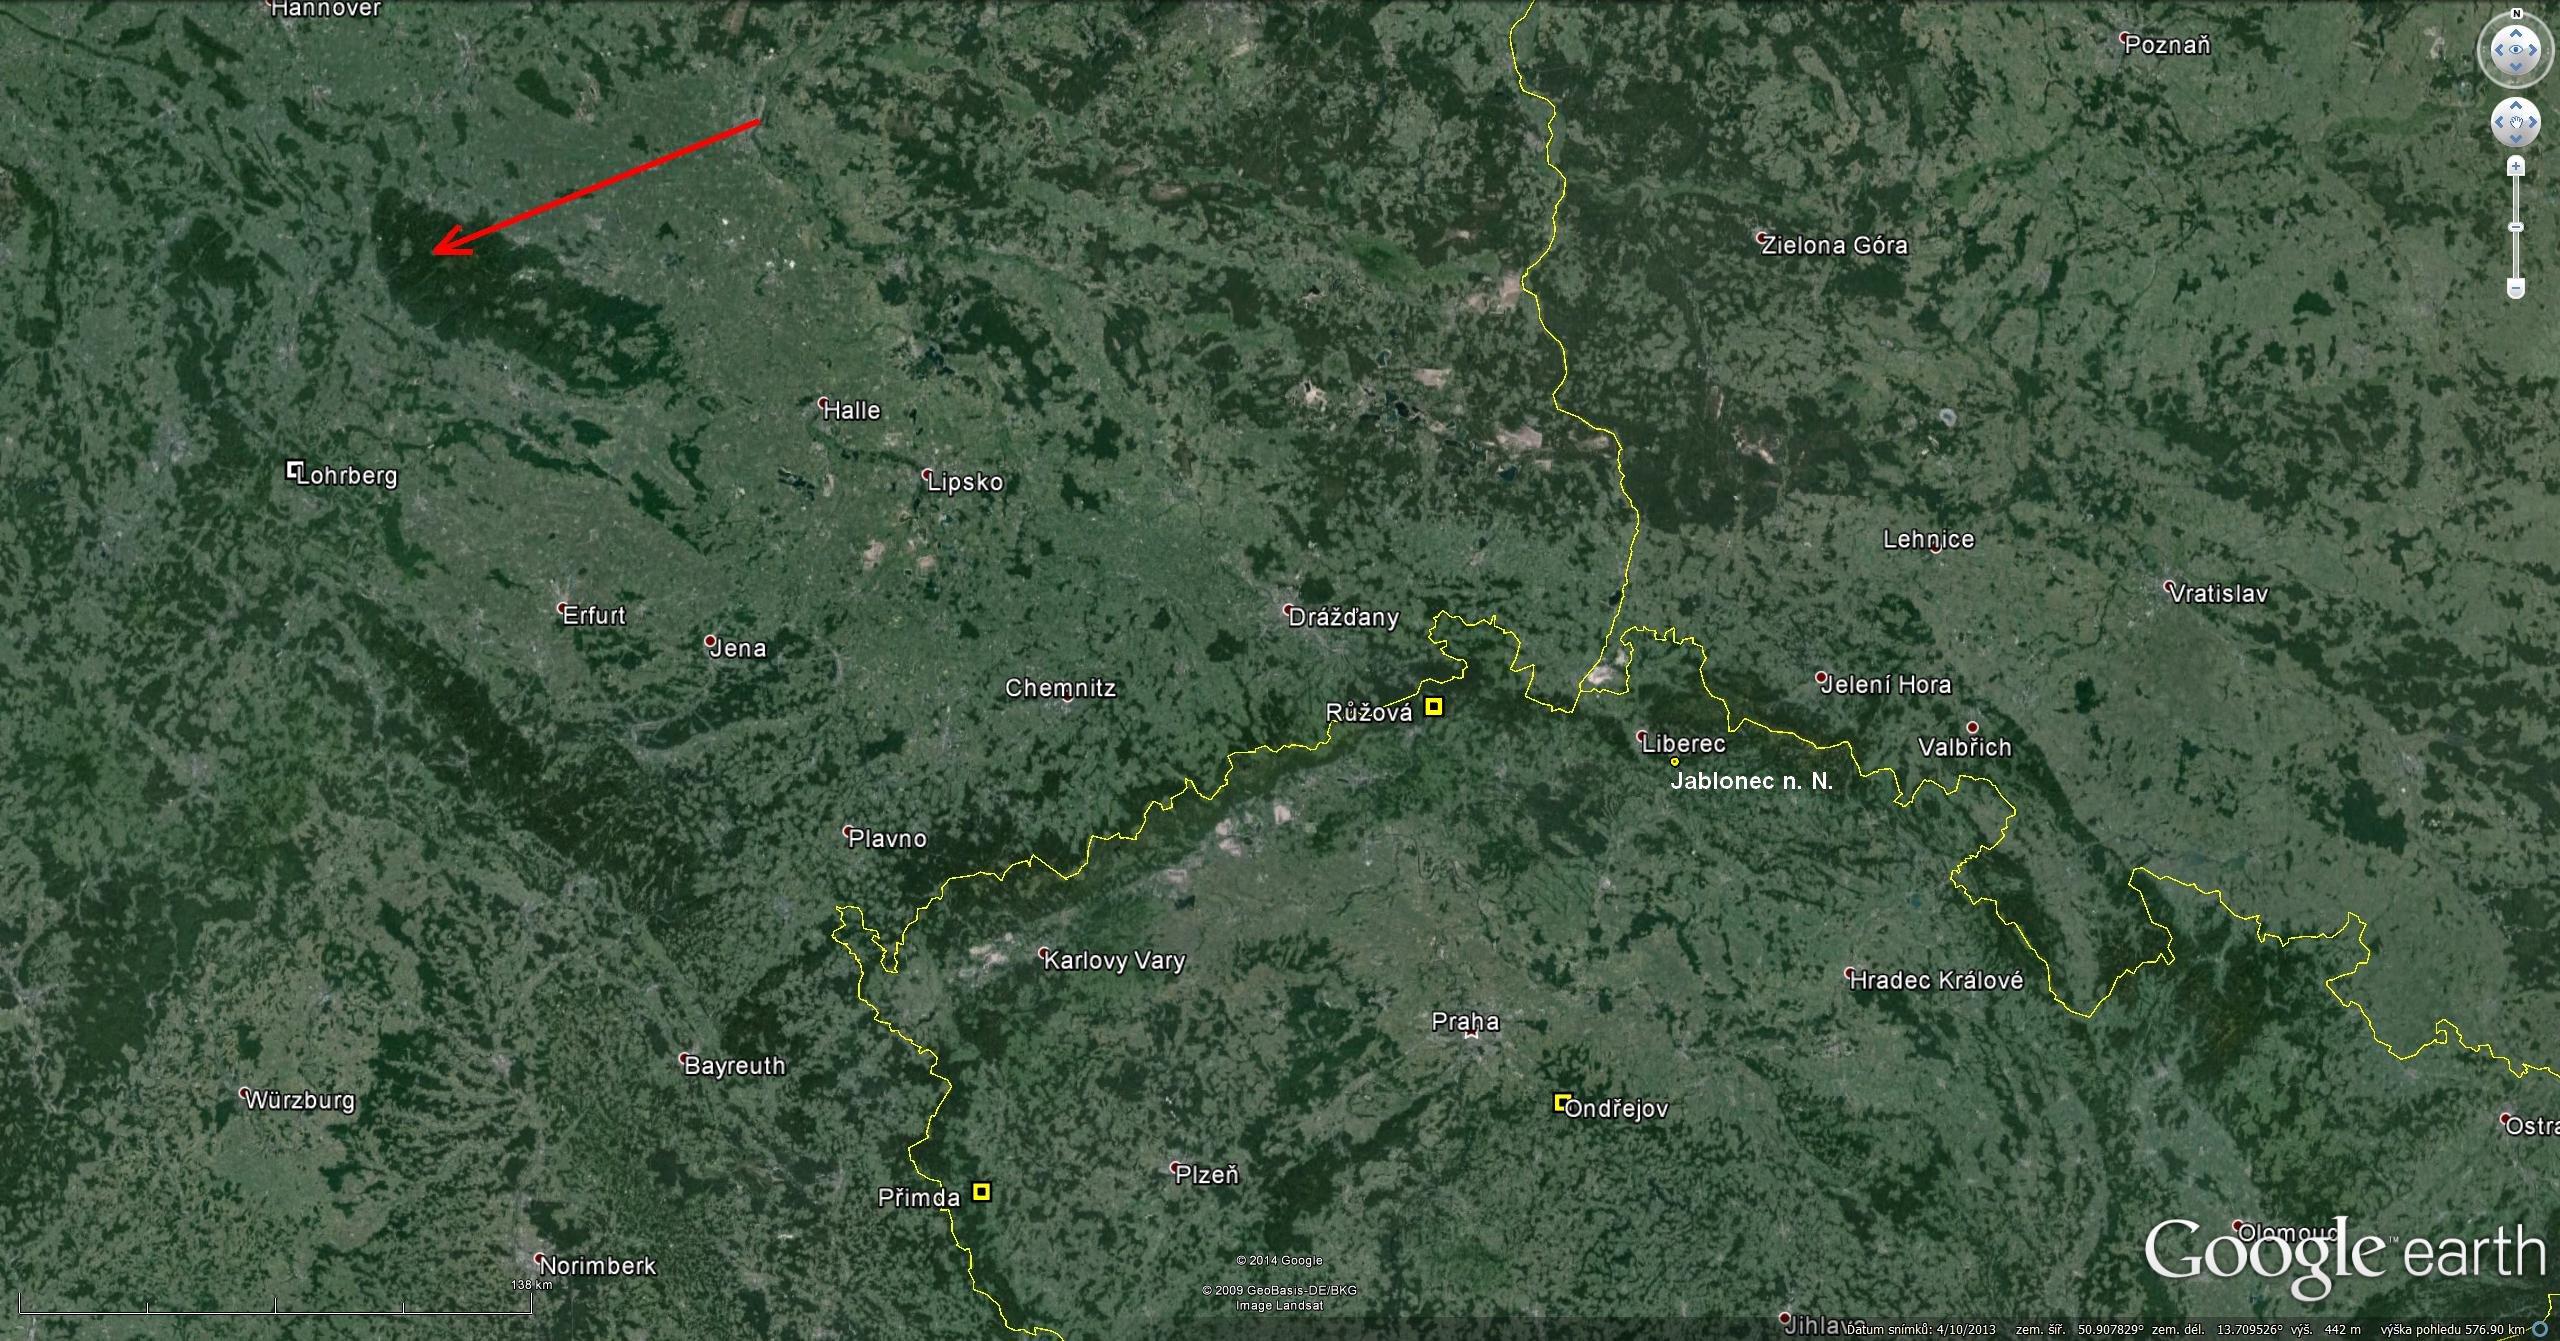 Atmosférická dráha bolidu + stanice + místo pozorování v Jablonci